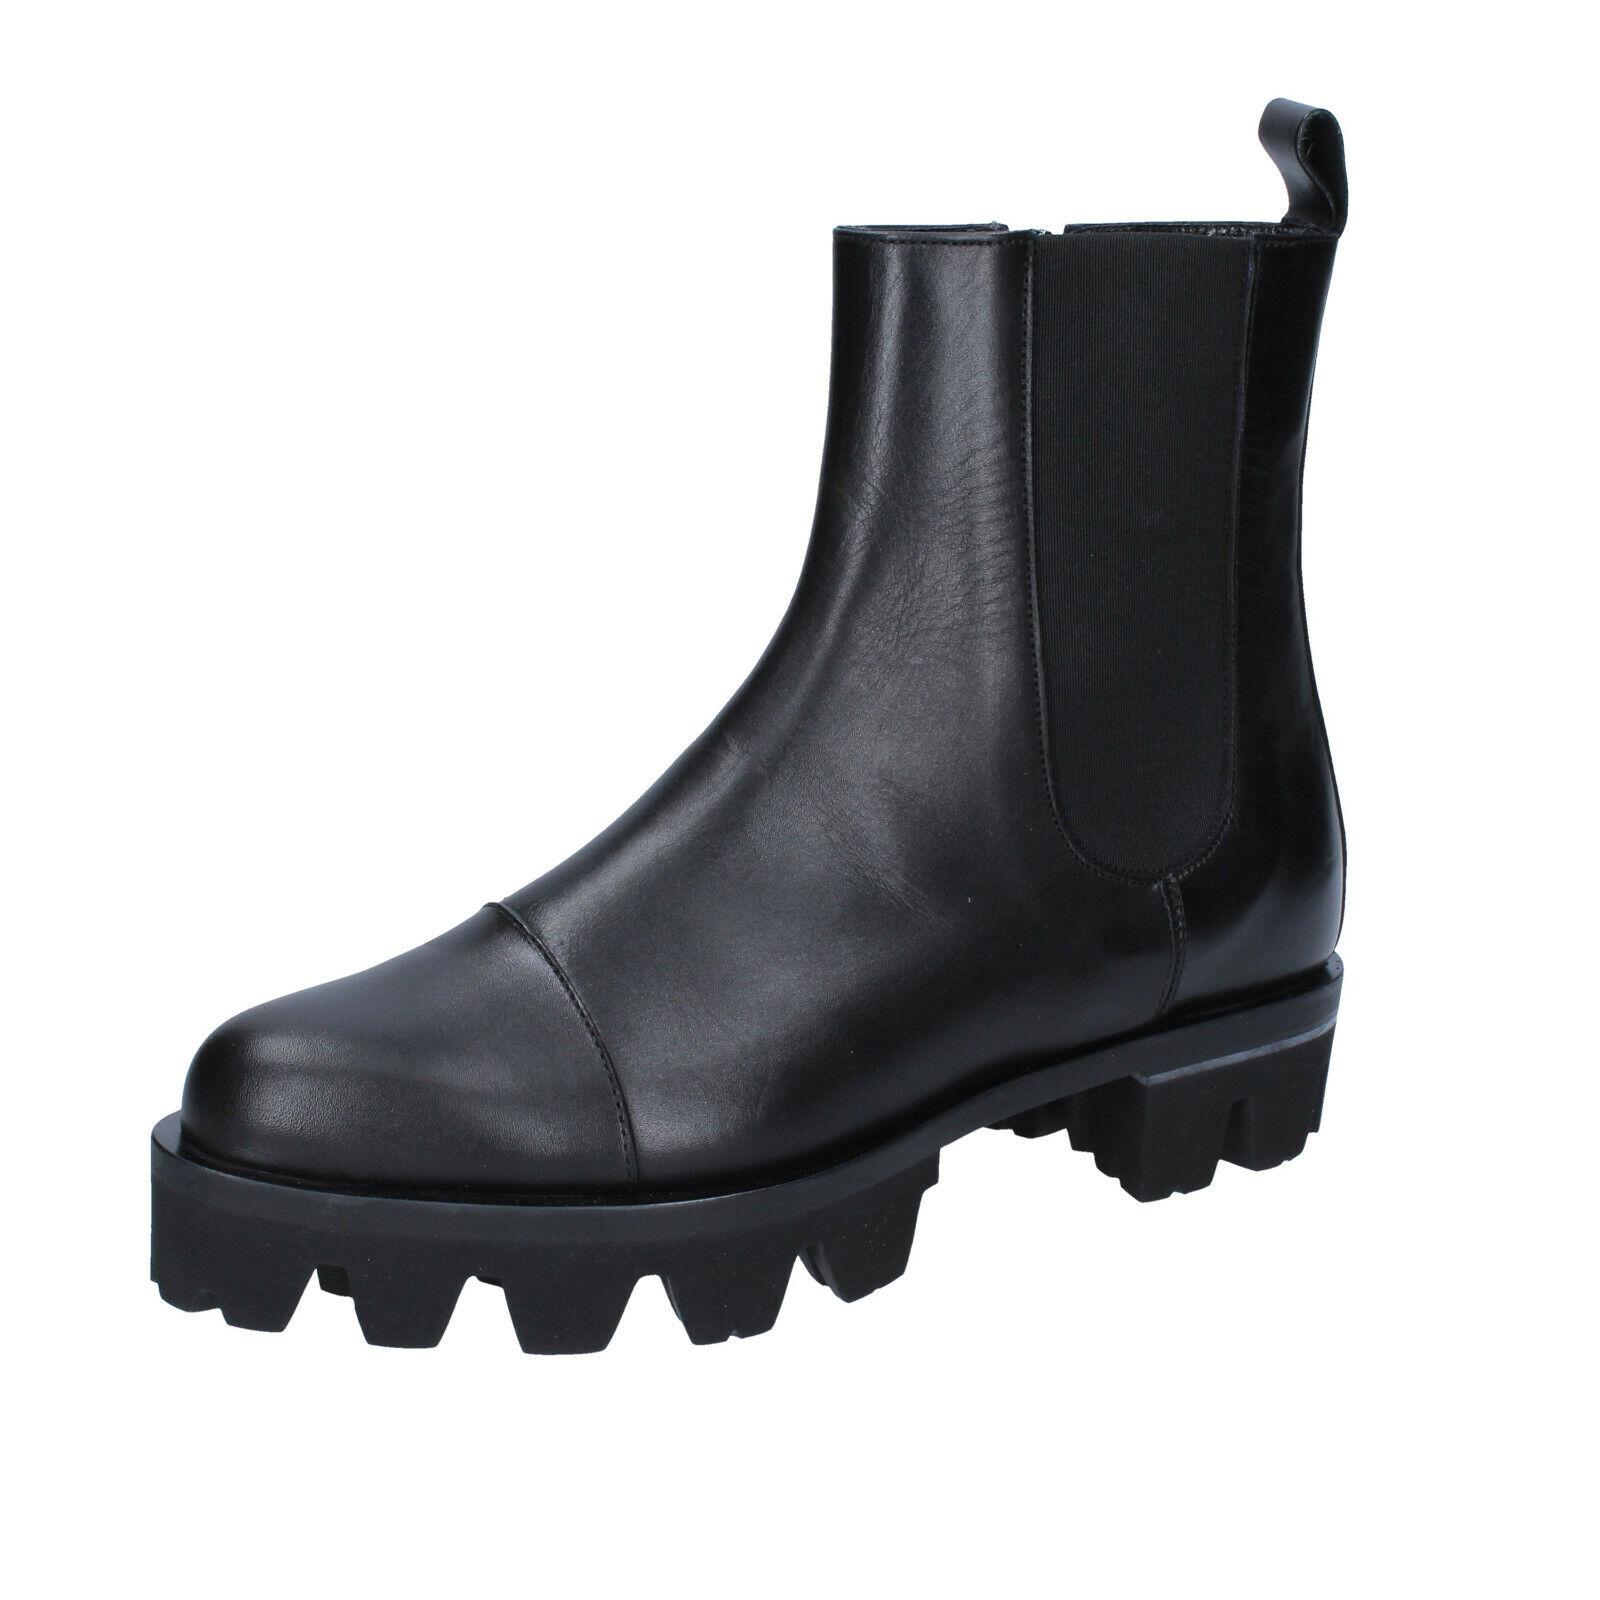 venta caliente Para mujeres Zapatos Roberto Botticelli 9 () botas botas botas al tobillo cuero negro BS278-39  ventas en linea